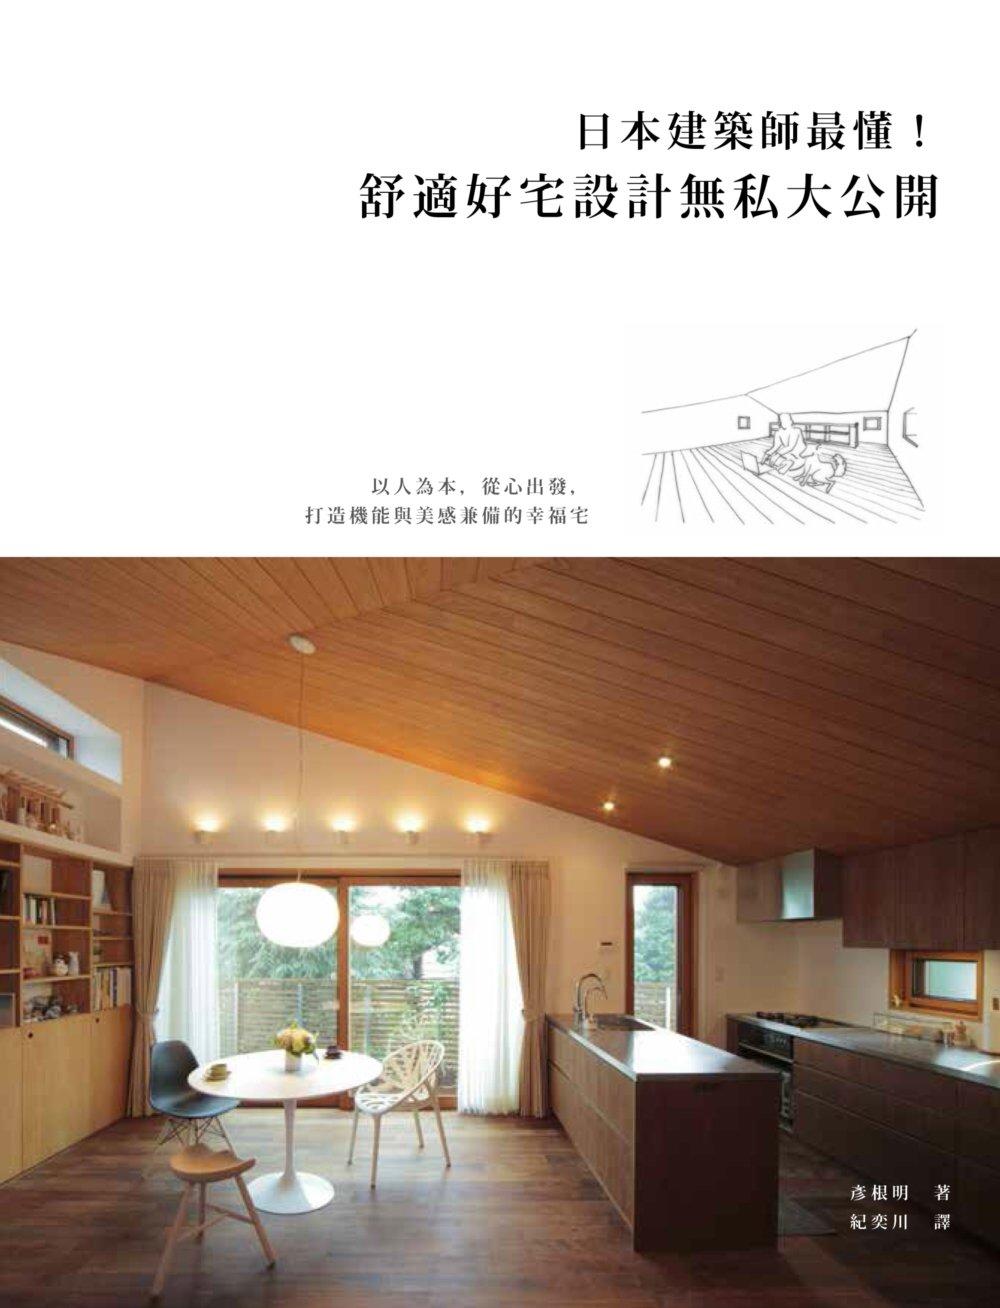 ◤博客來BOOKS◢ 暢銷書榜《推薦》日本建築師最懂!舒適好宅設計無私大公開:以人為本,從心出發,打造機能與美感兼備的幸福宅